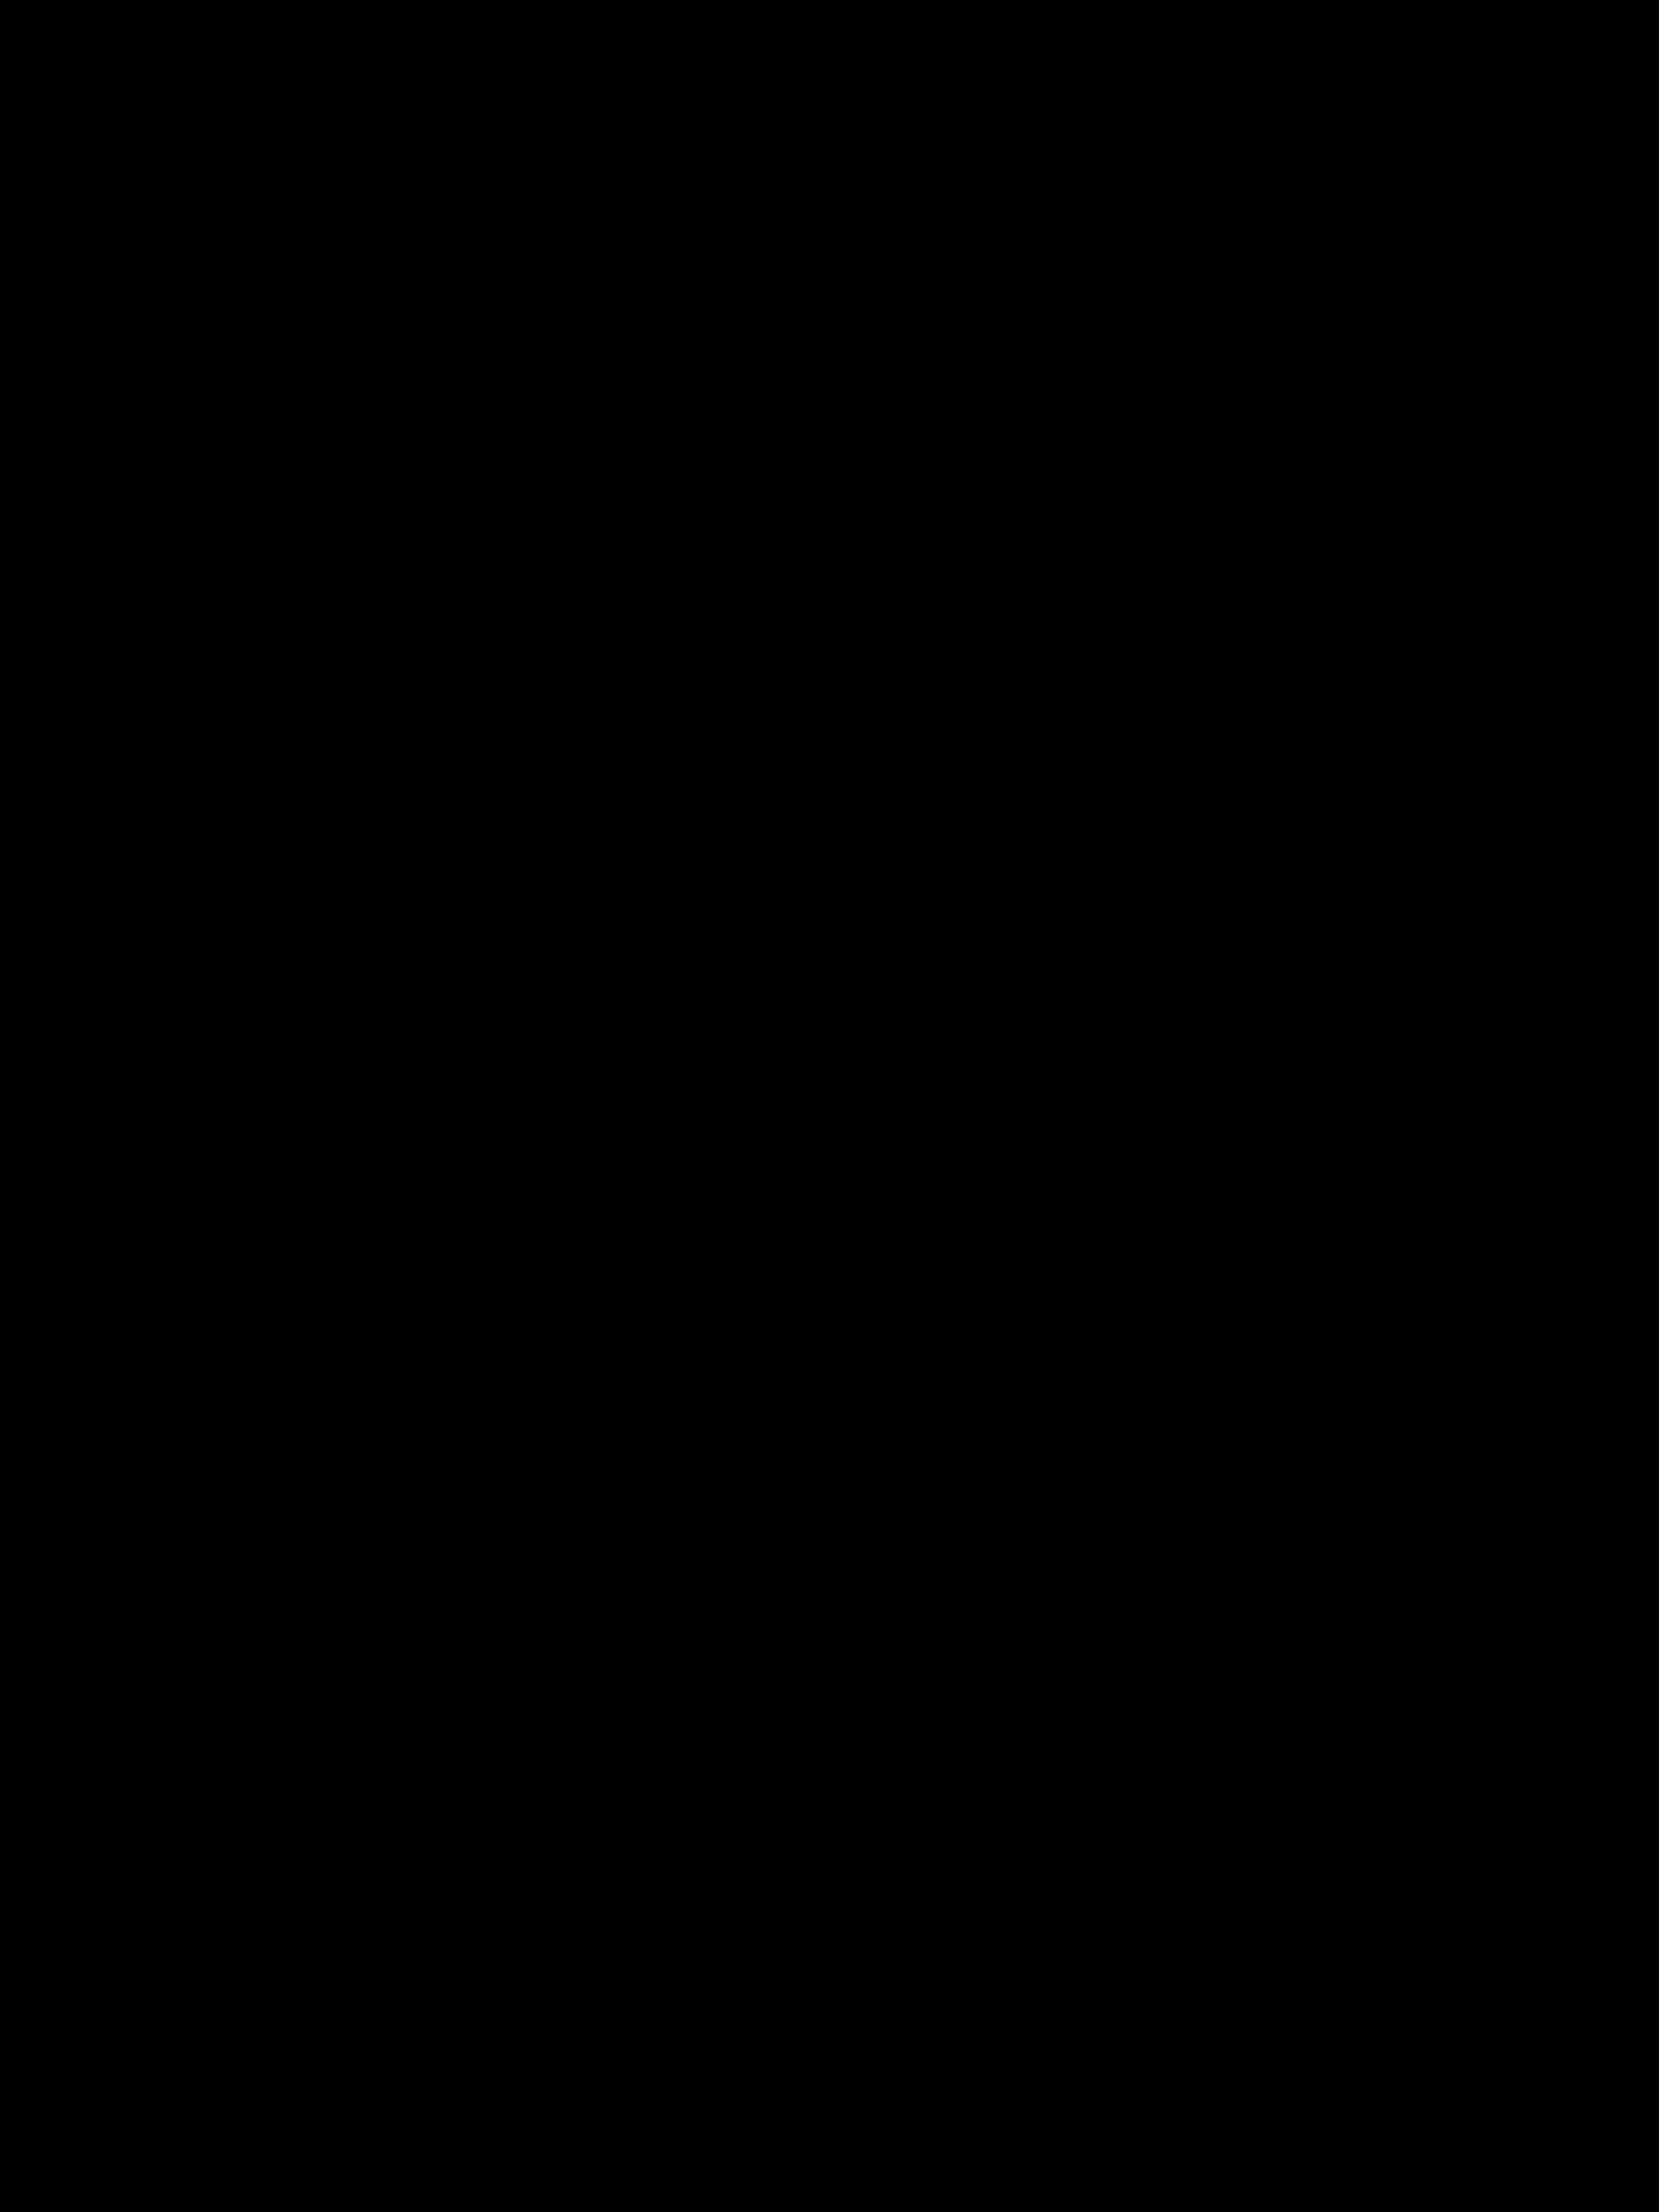 Pin by nycgirl on. Catholic clipart catholic symbol